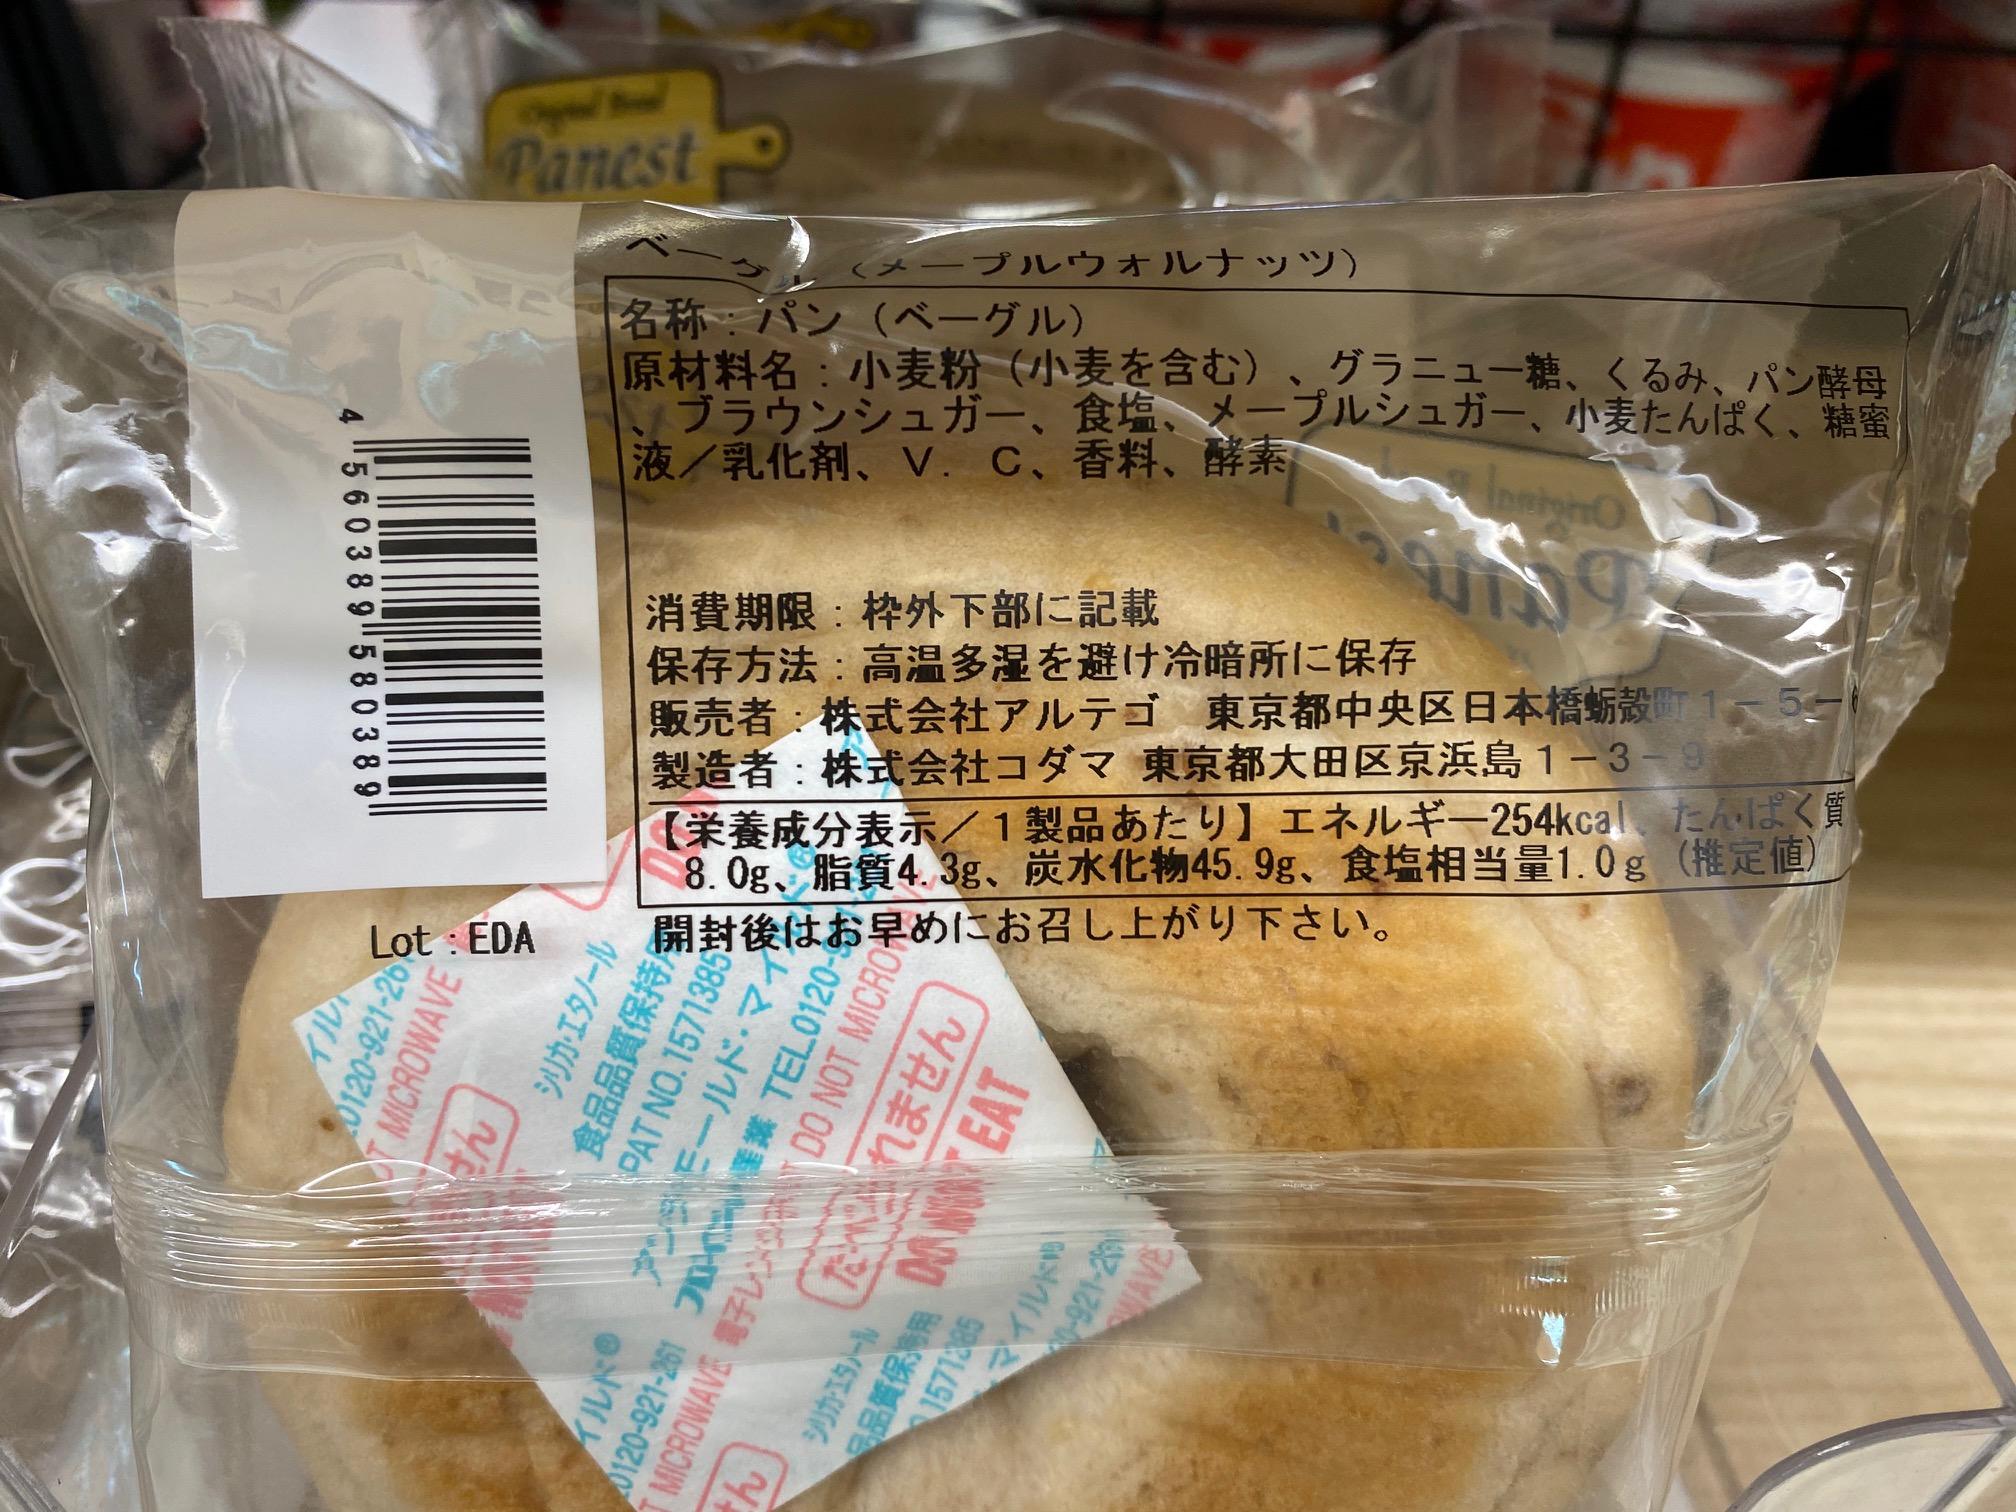 Bagel & Bagel Maple Walnuts ingredients